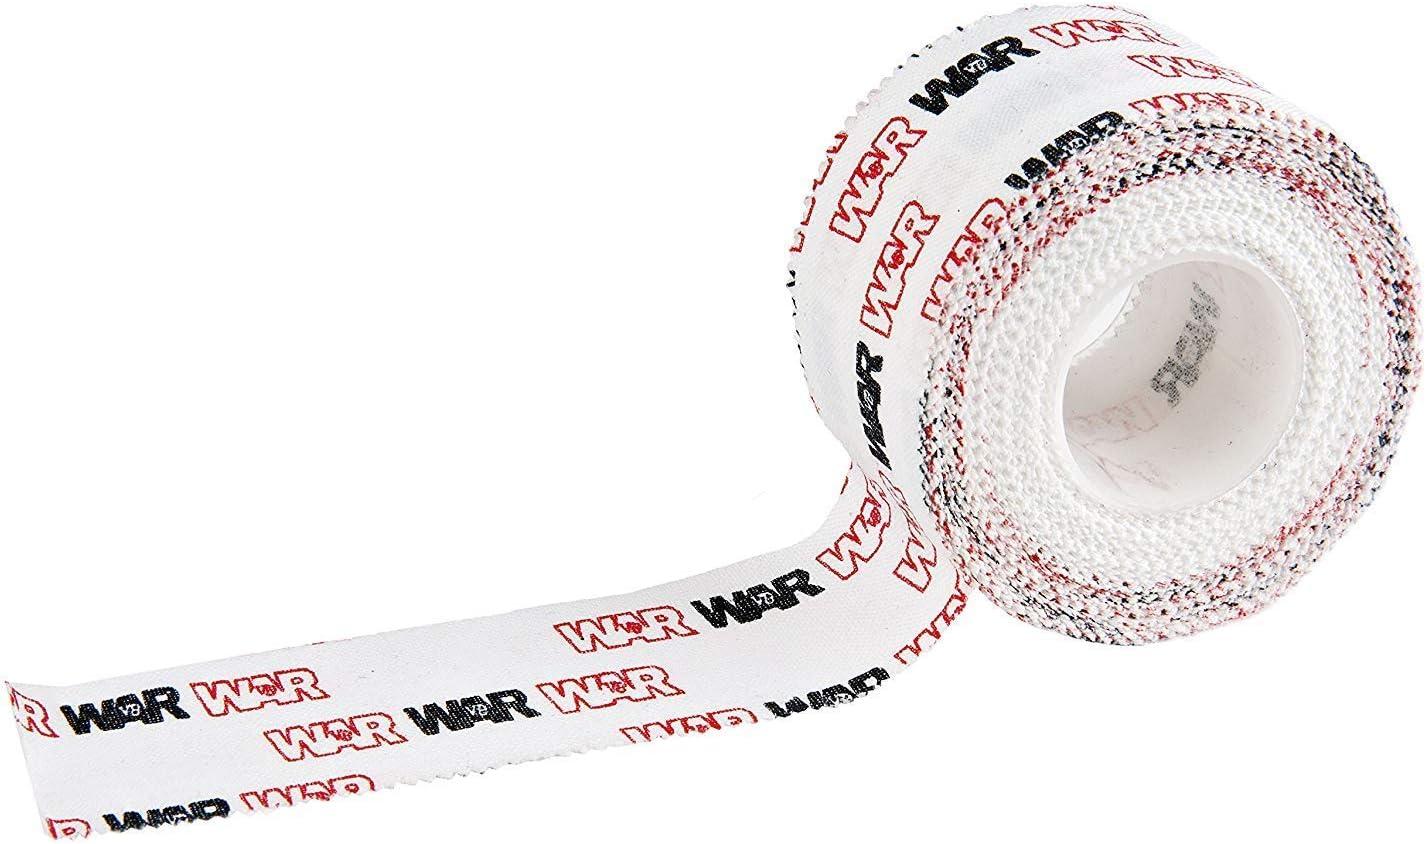 One inch MMA Uno e Mezzo Pollice Ring to Cage Guerra Ez Rip Sports Tape/ Kickboxing Muay Thai per Boxe /Mezzo Pollice